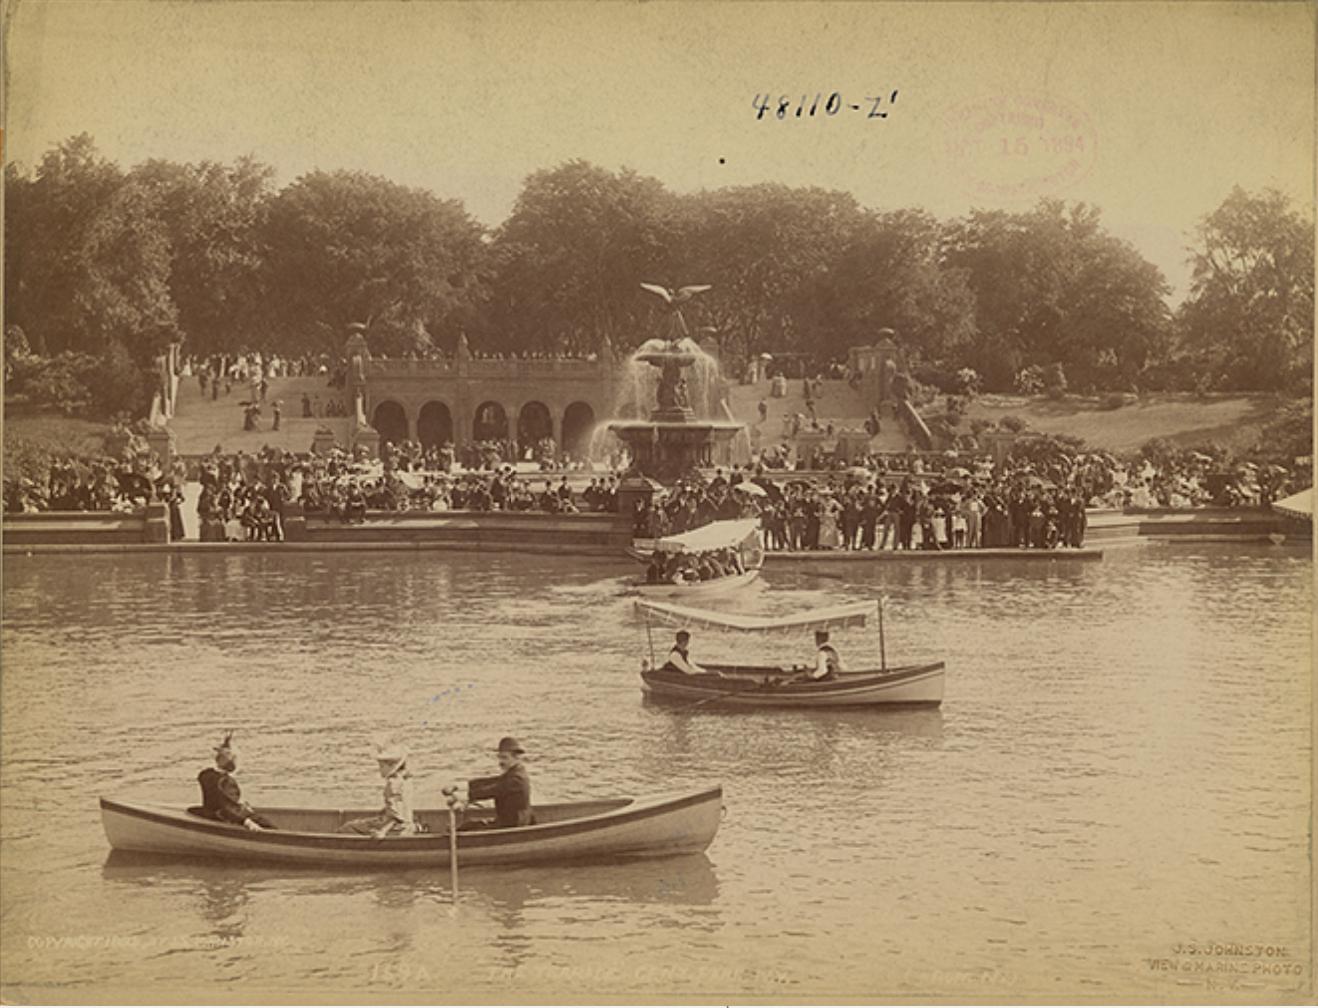 1895-the-terrace-central-park-ny-1895